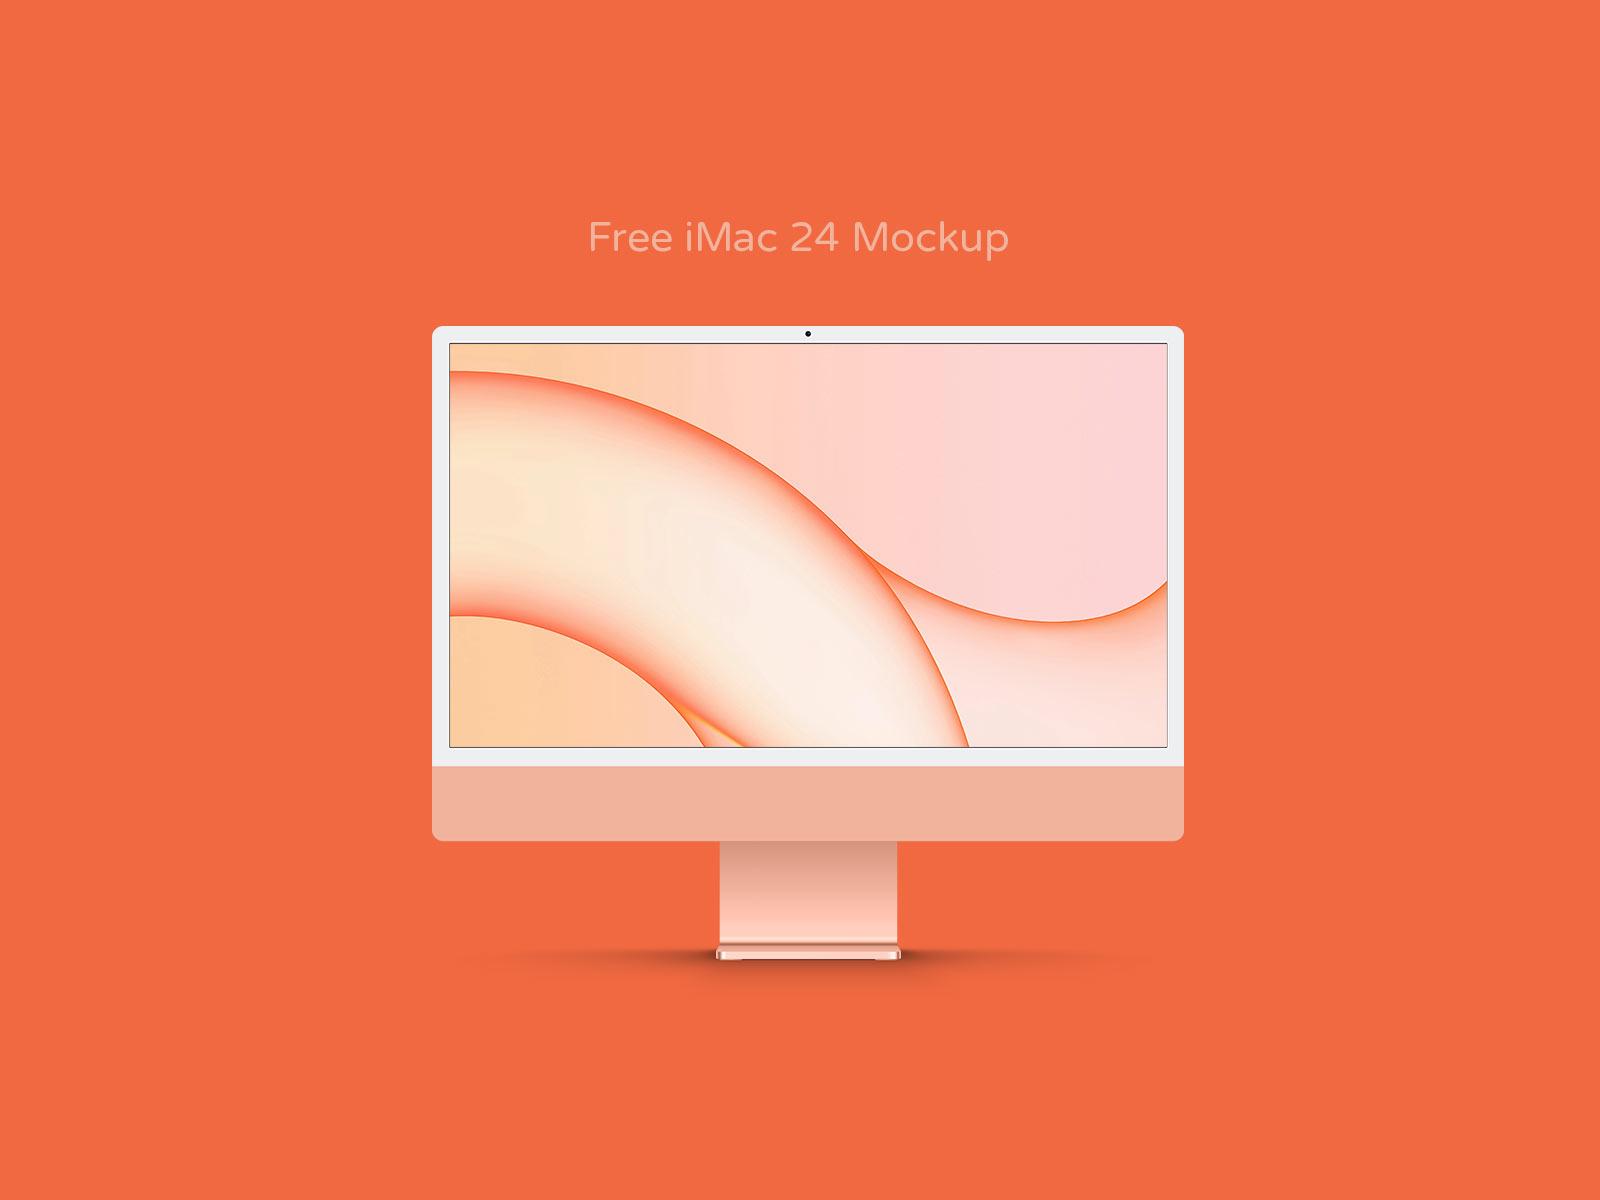 Orange-iMac-24-Mockup-PSD